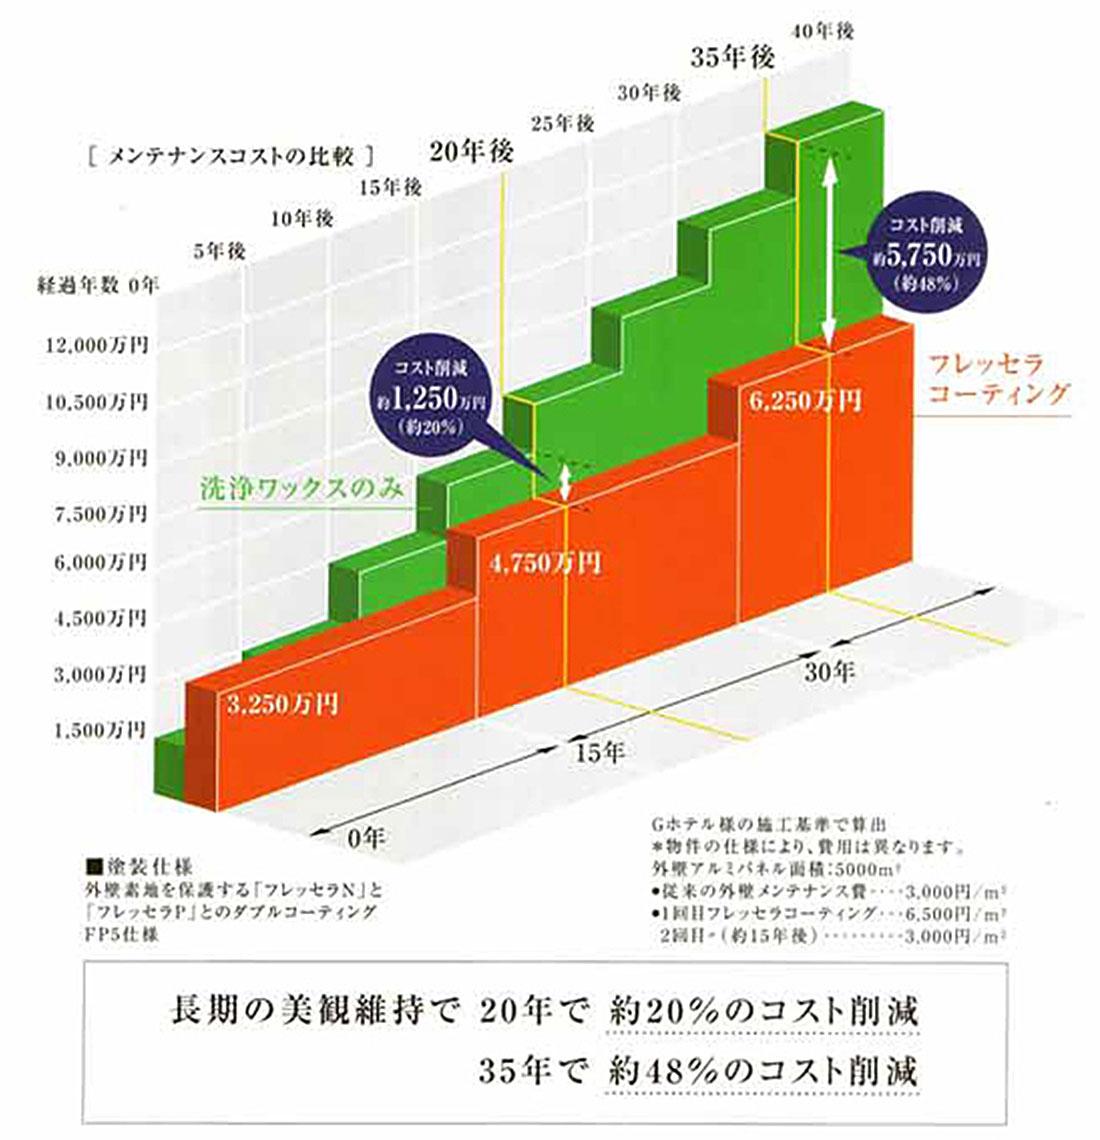 メンテナンスコストの比較図